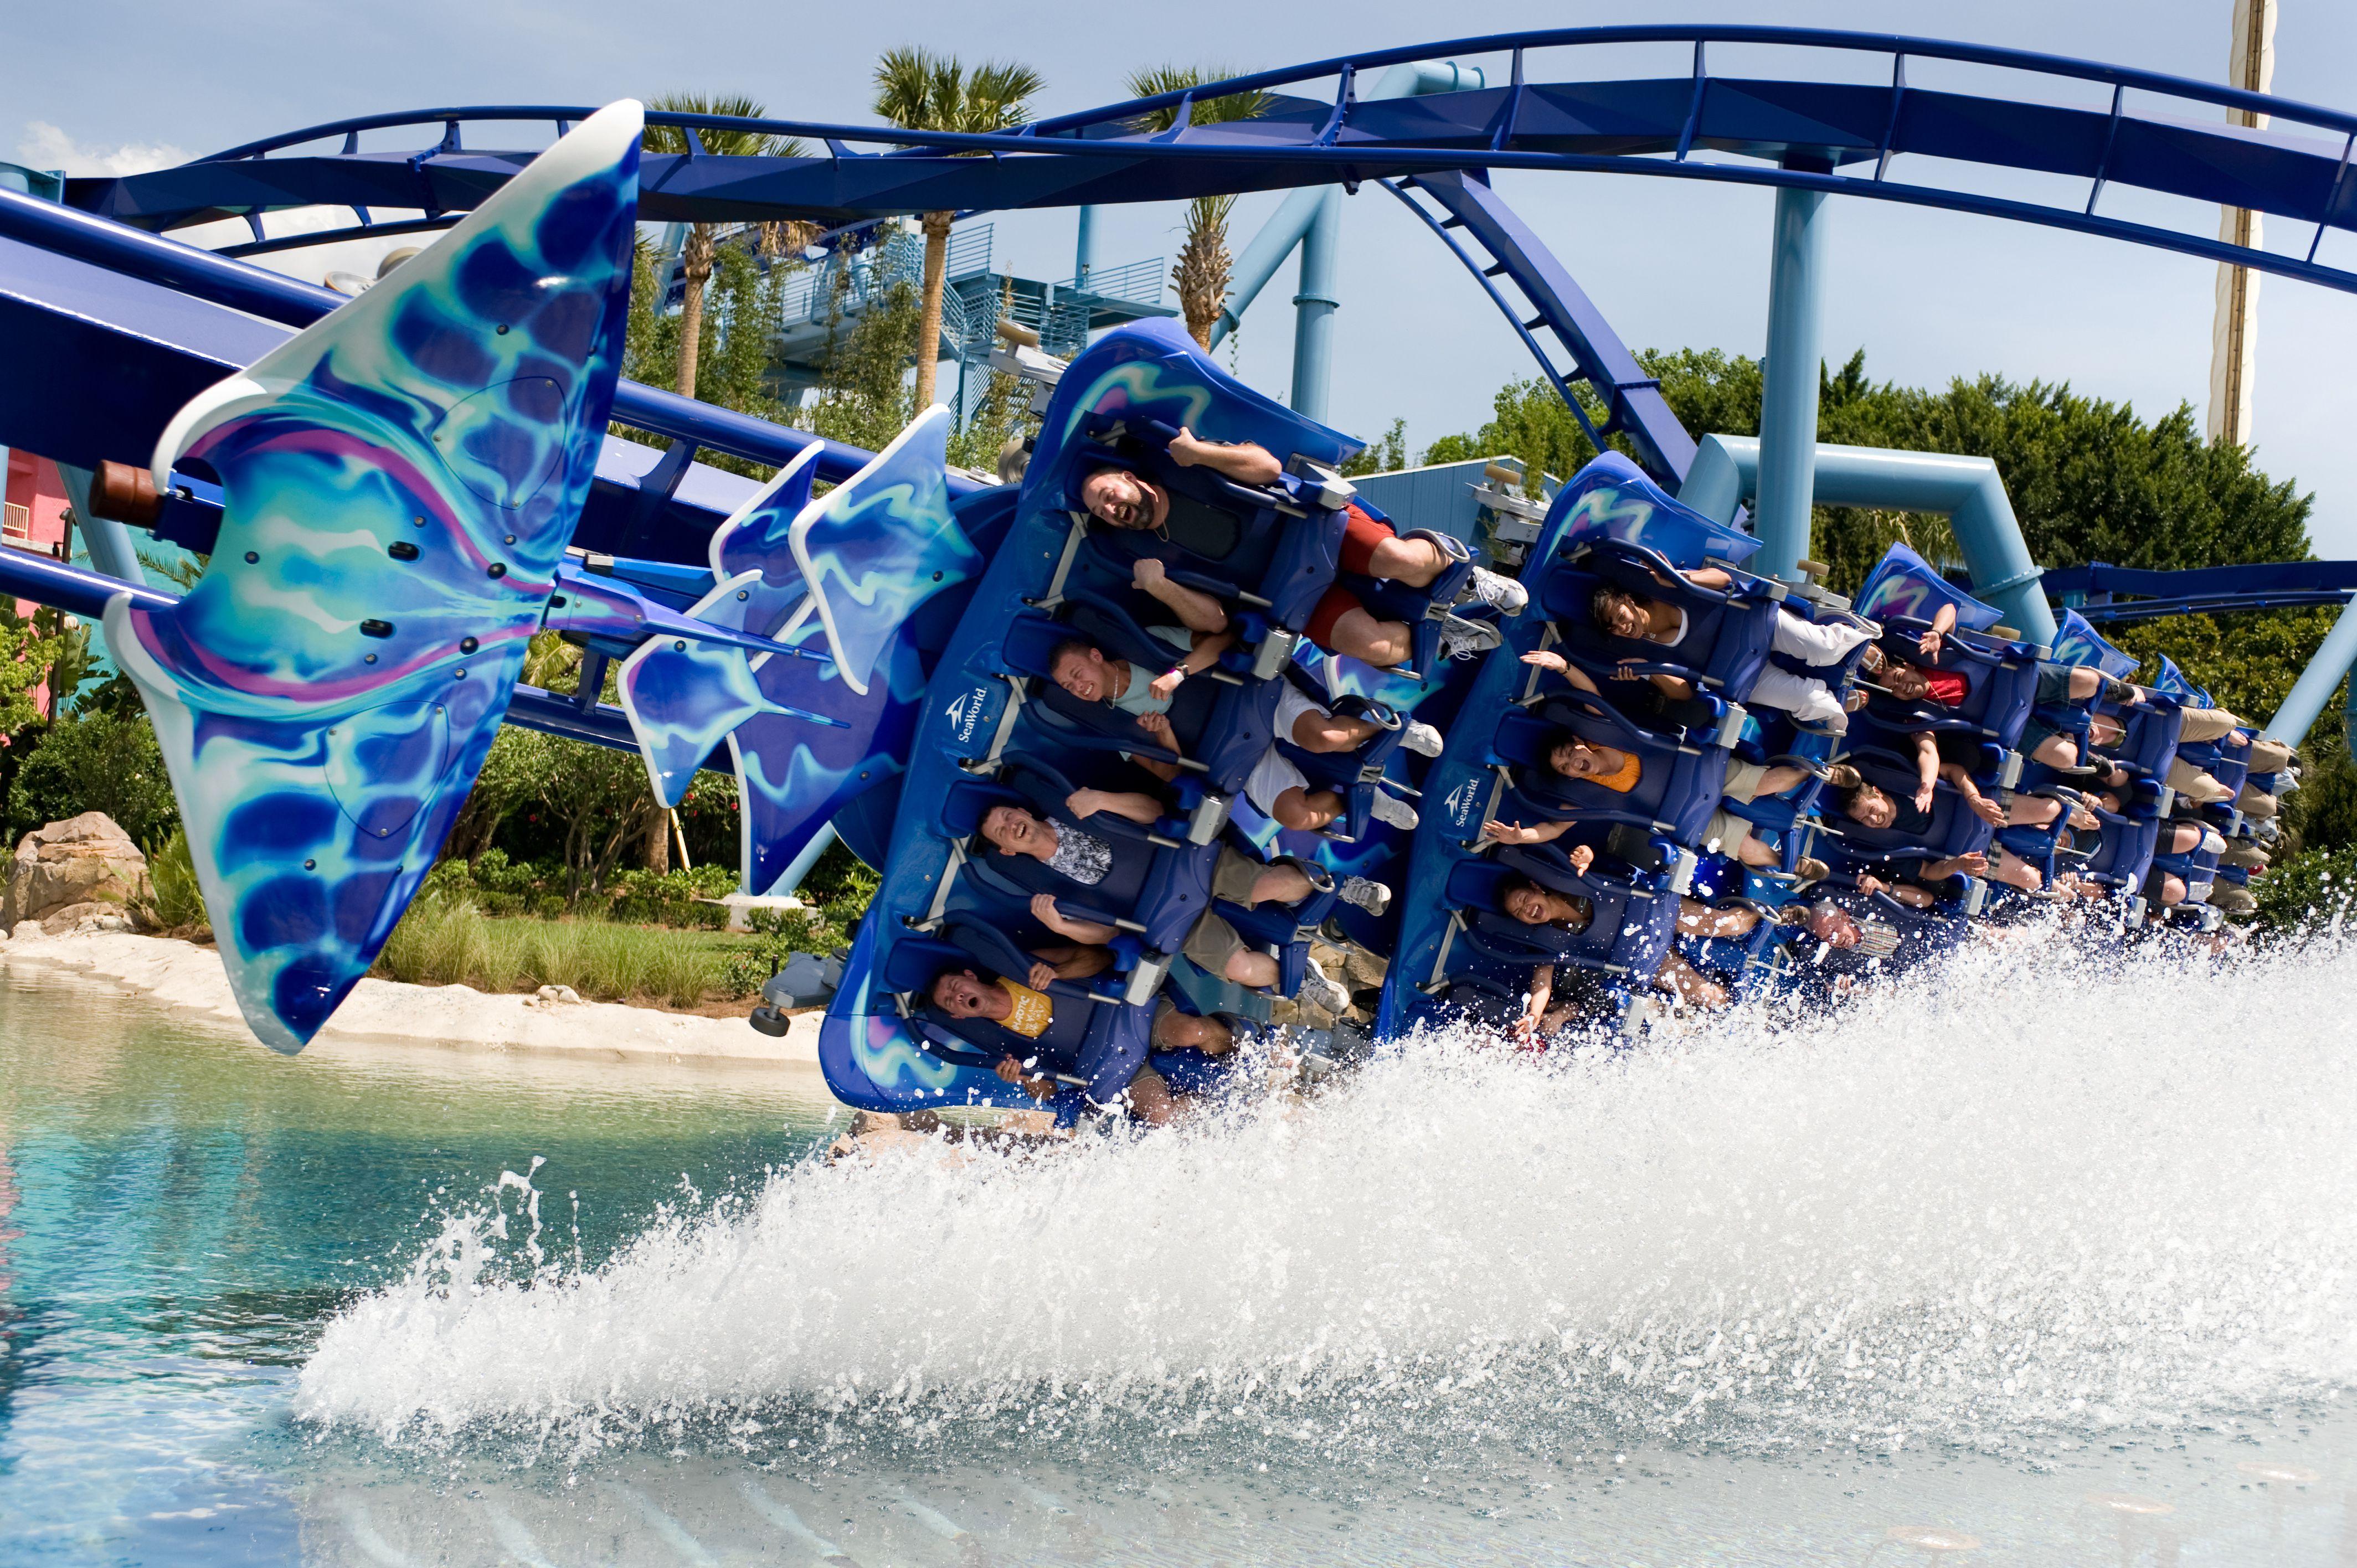 Manta coaster at SeaWorld Orlando